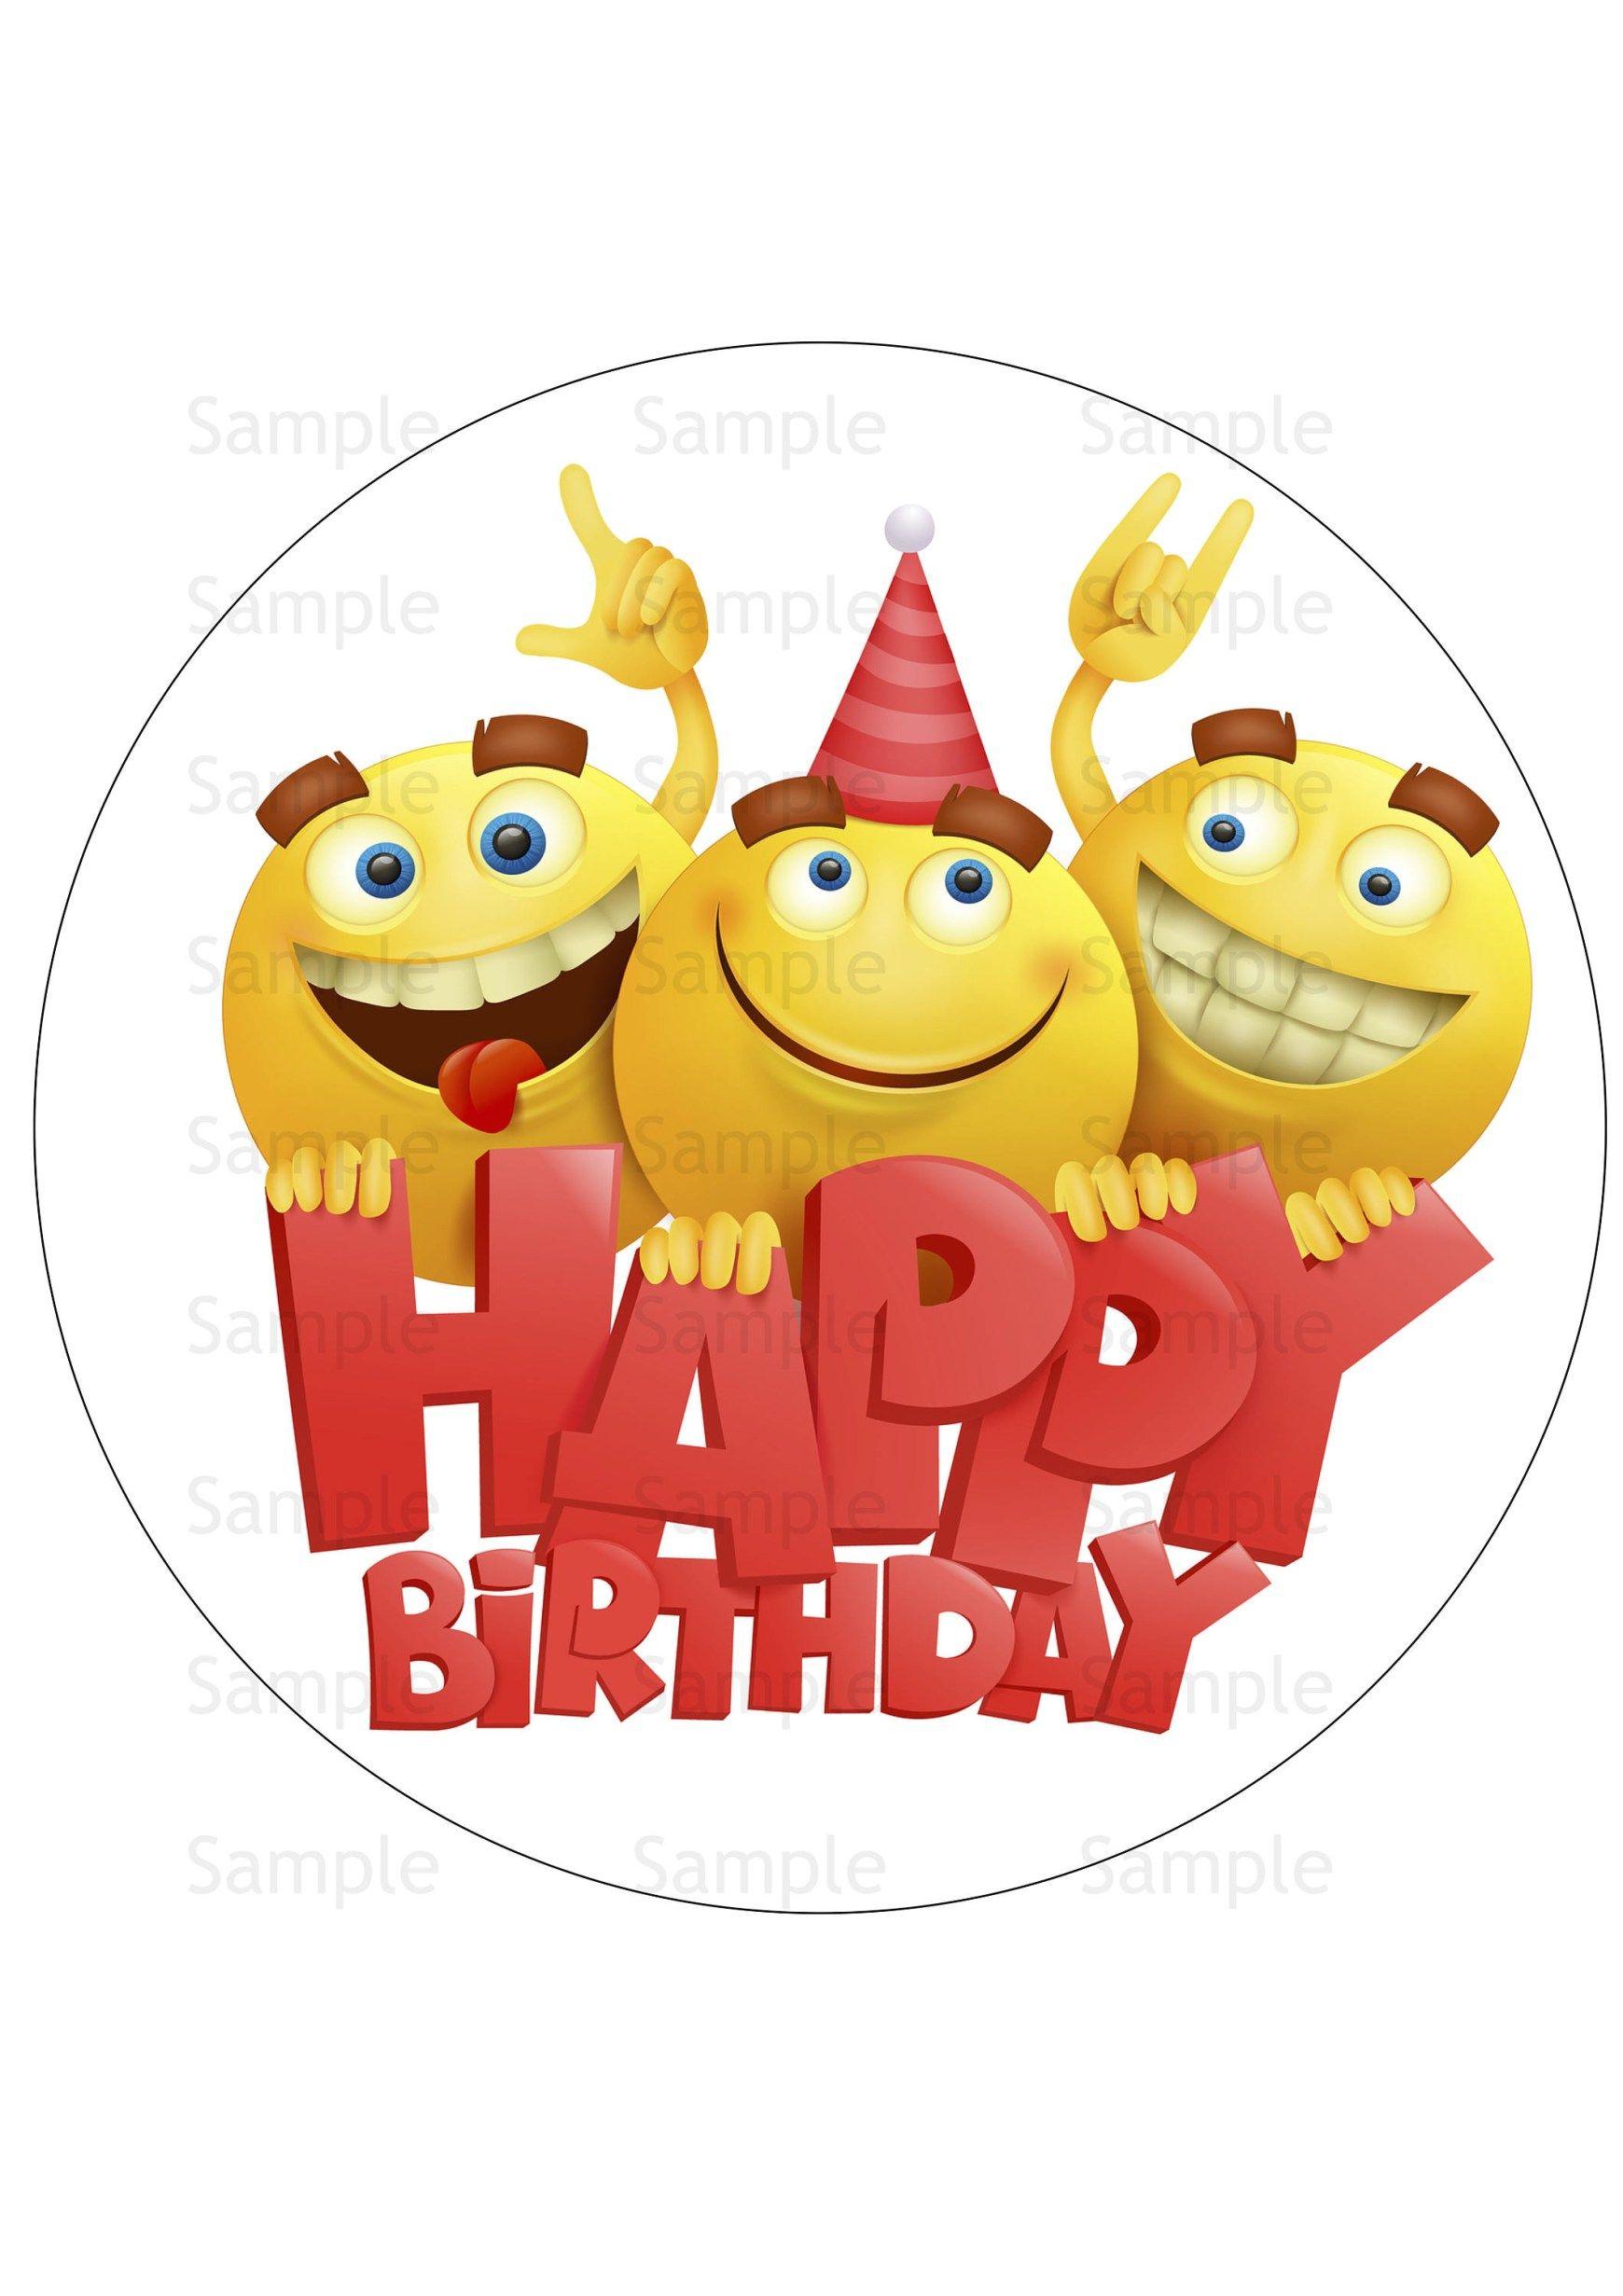 Emoji Gift Wrap Son Emoji Birthday Card NEW